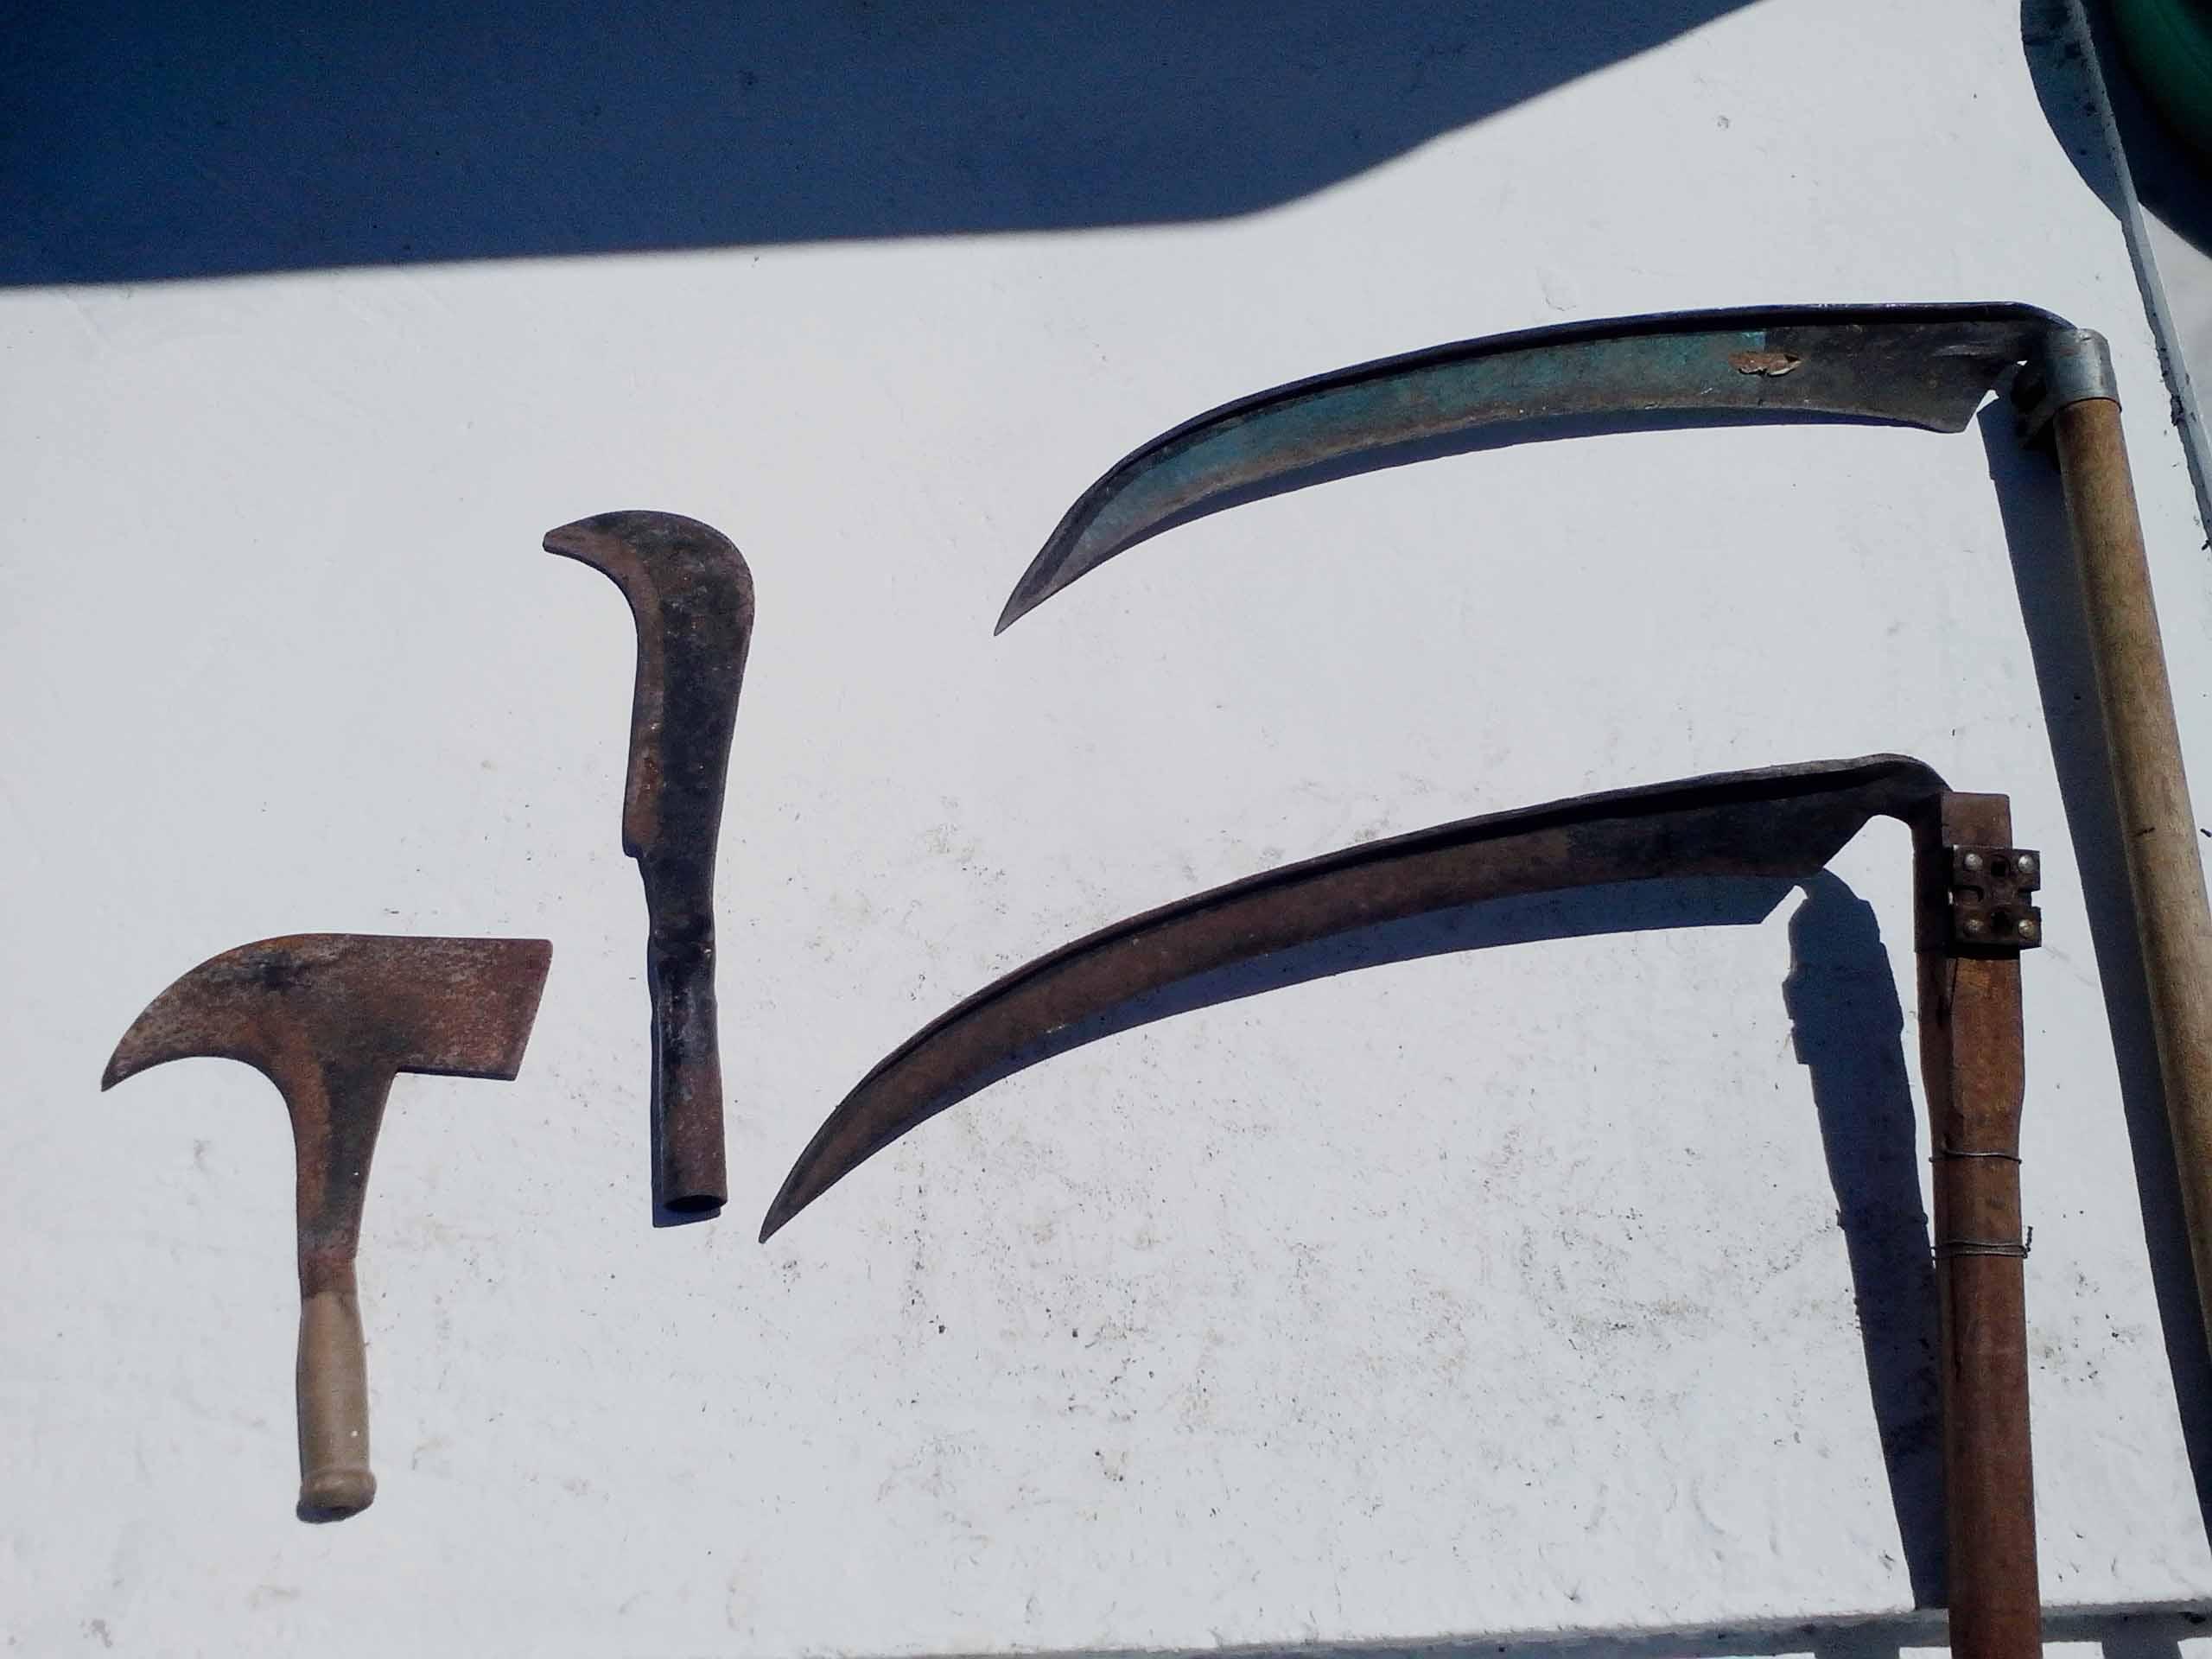 Κόσα, Παλιουροκόπι, Δερπανοκλαδευτήρι